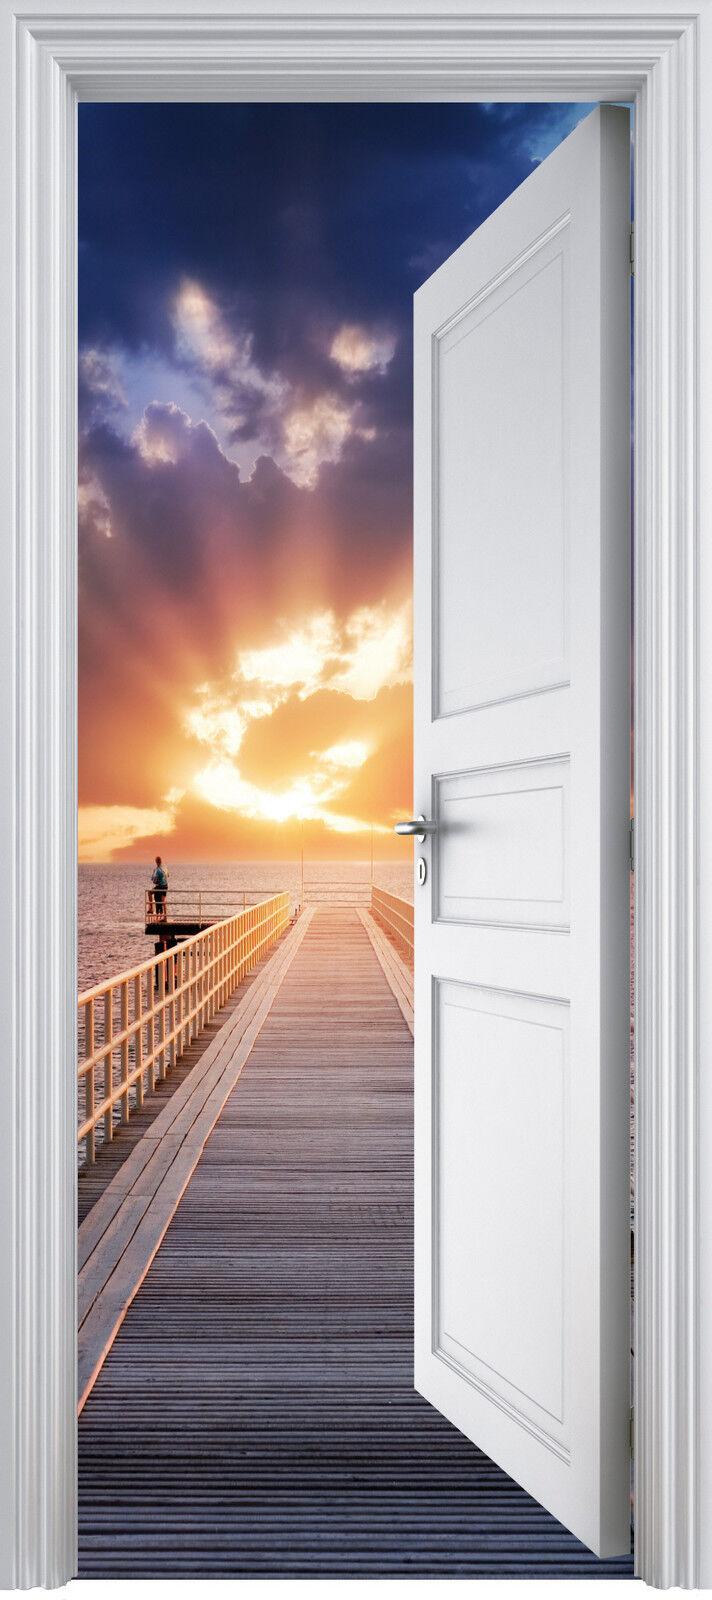 Adhesivo Puerta Trompa Trampantojo Pontón Acostado Del Sol 90x200 cm Ref 321